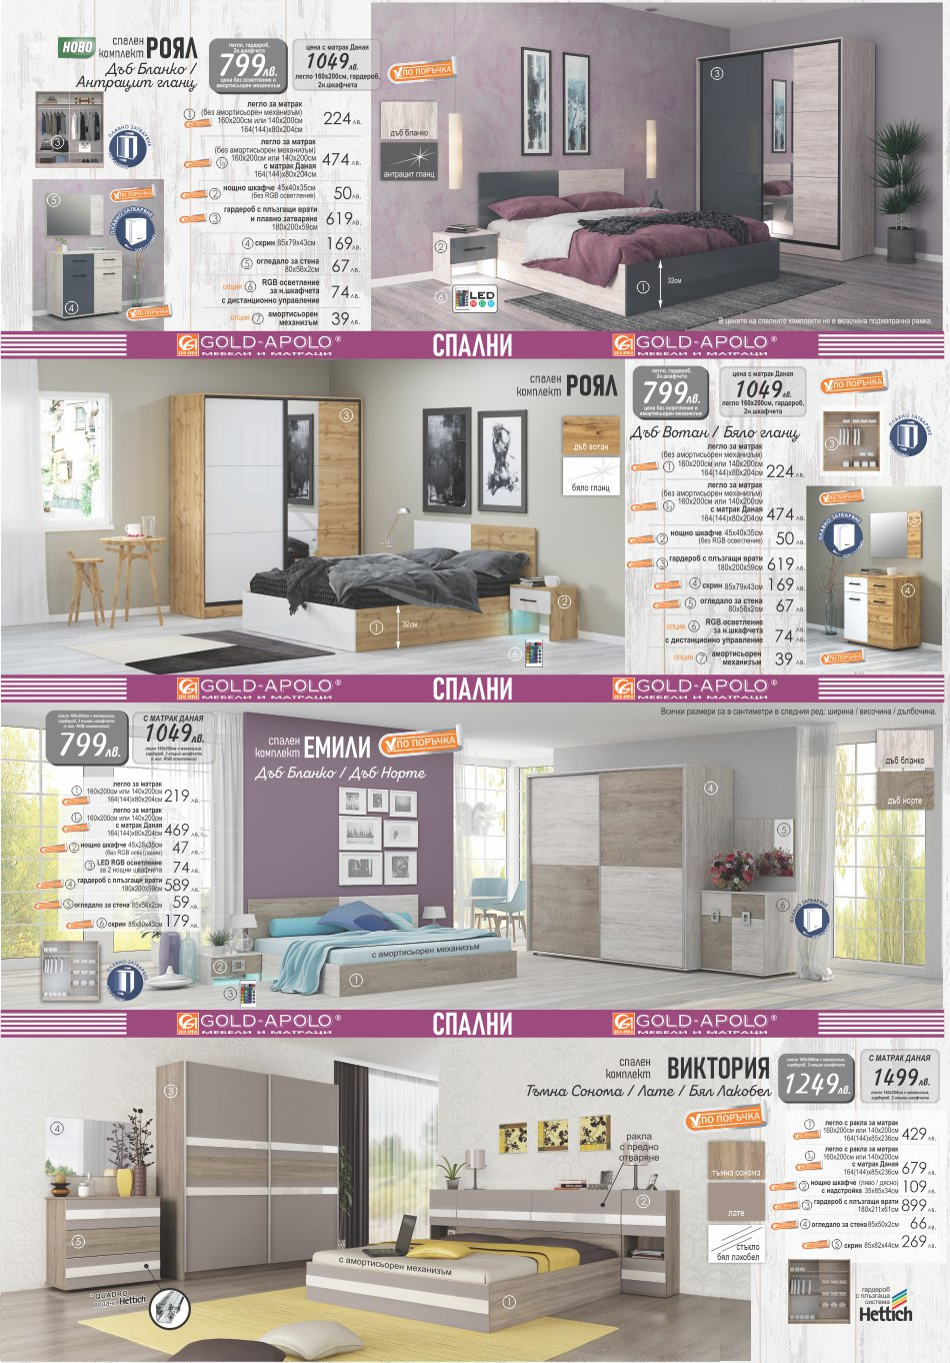 b_bedrooms_p4.jpg